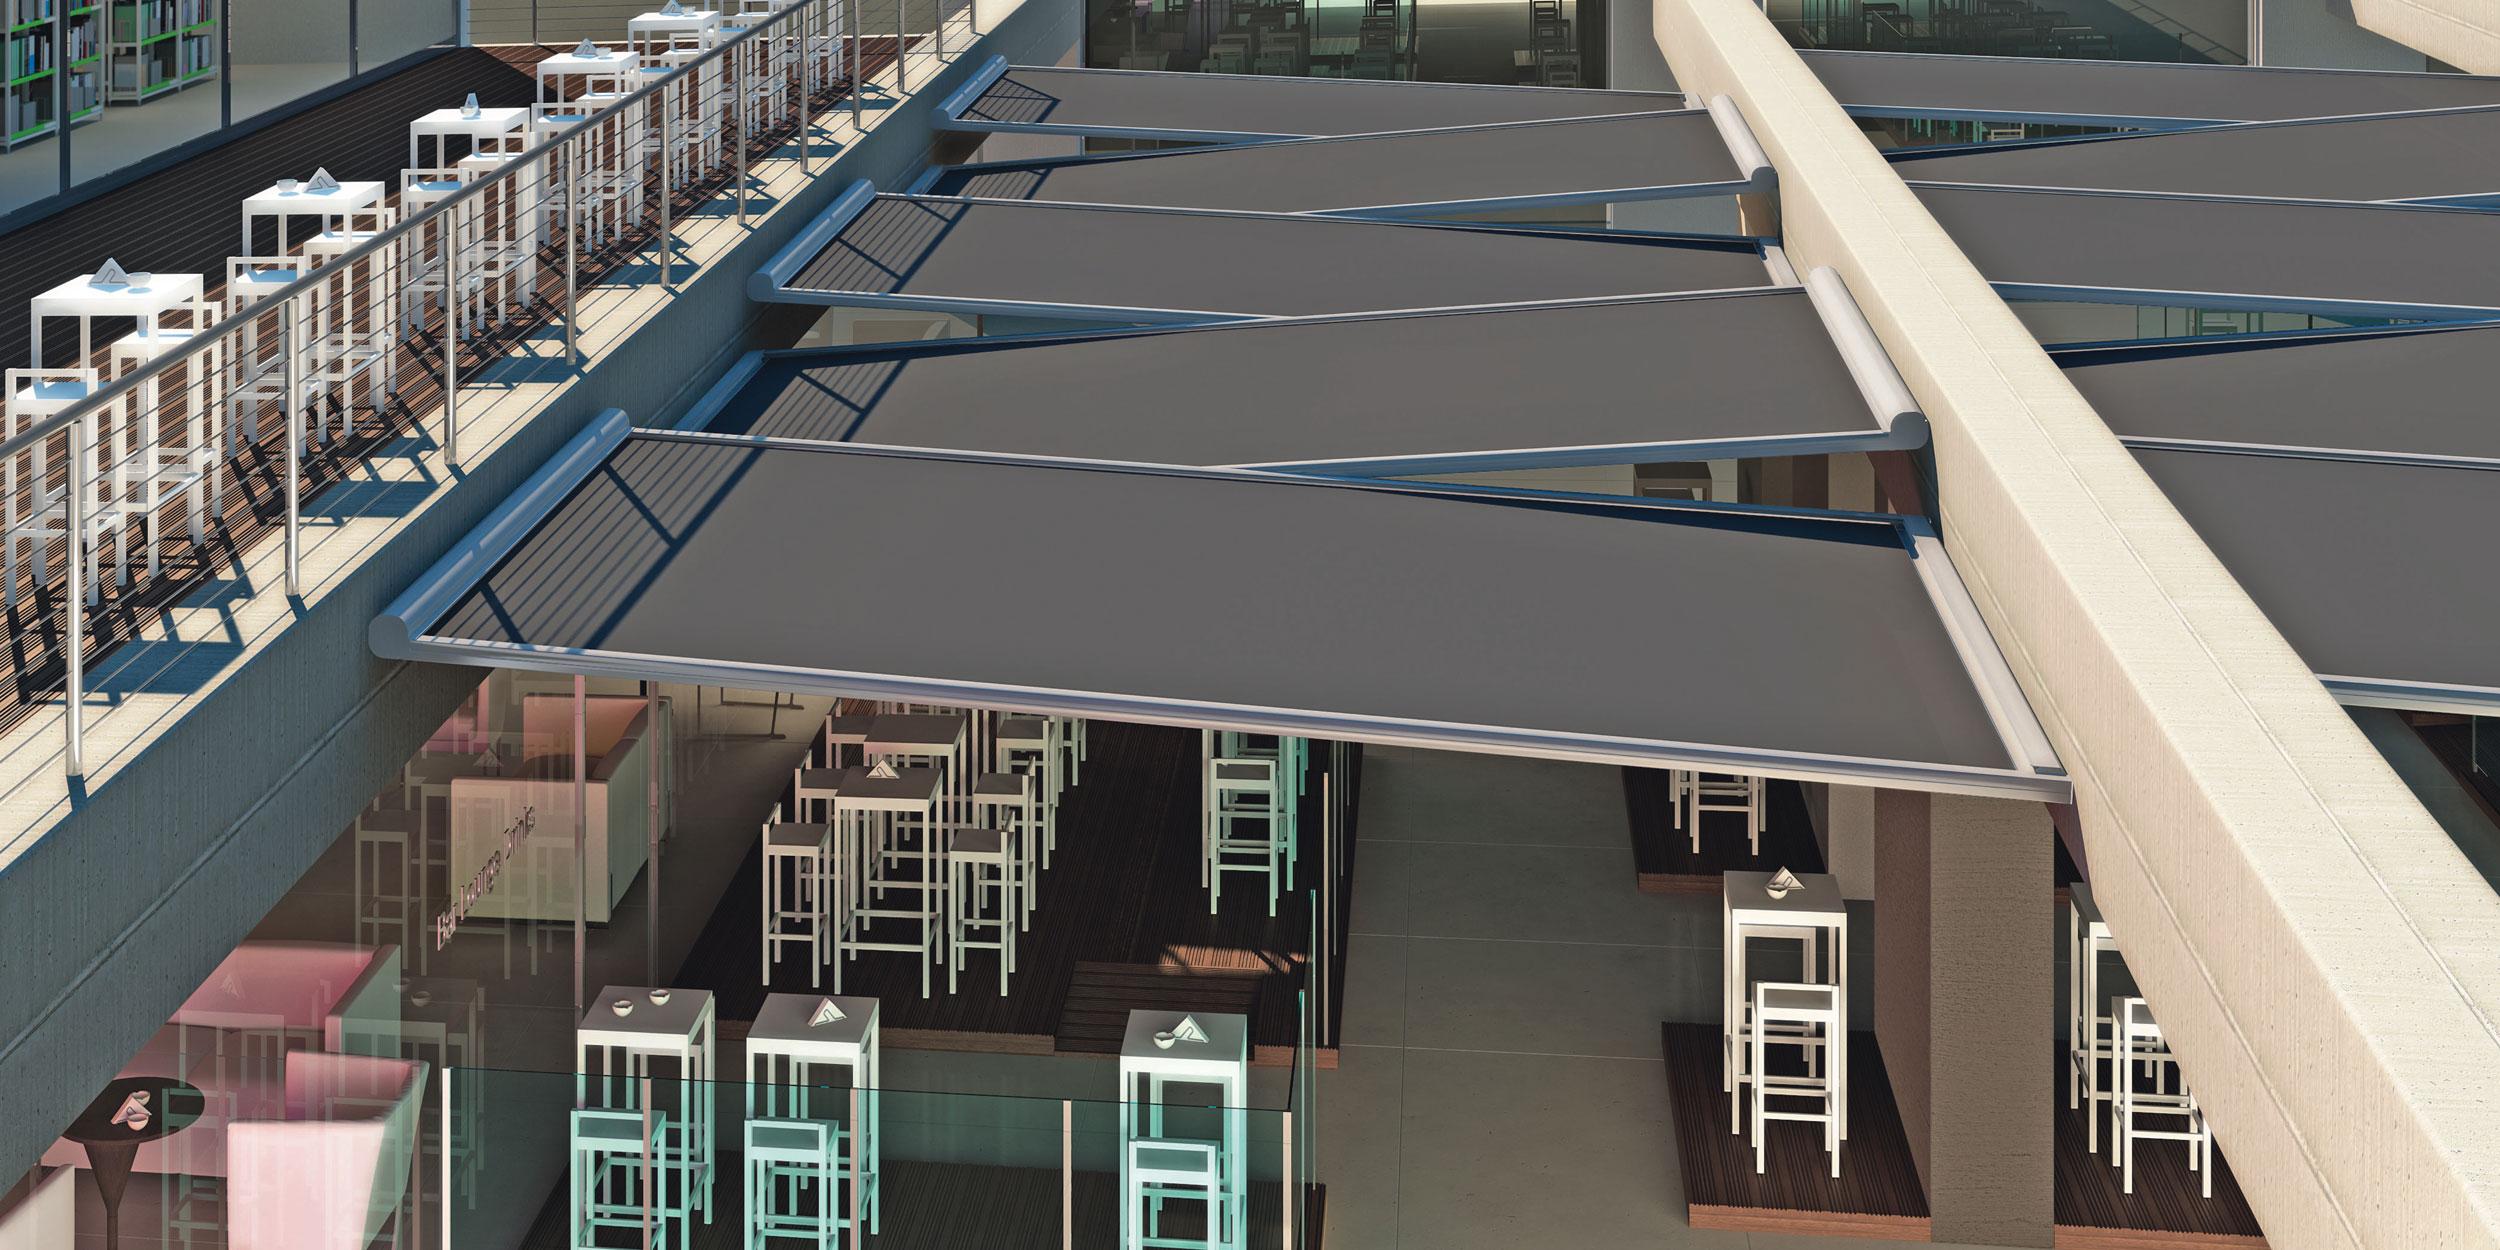 Tende Da Sole Resistenti Alla Pioggia.T30 Sistema Orizzontale Per Protezione Da Sole Vento Pioggia